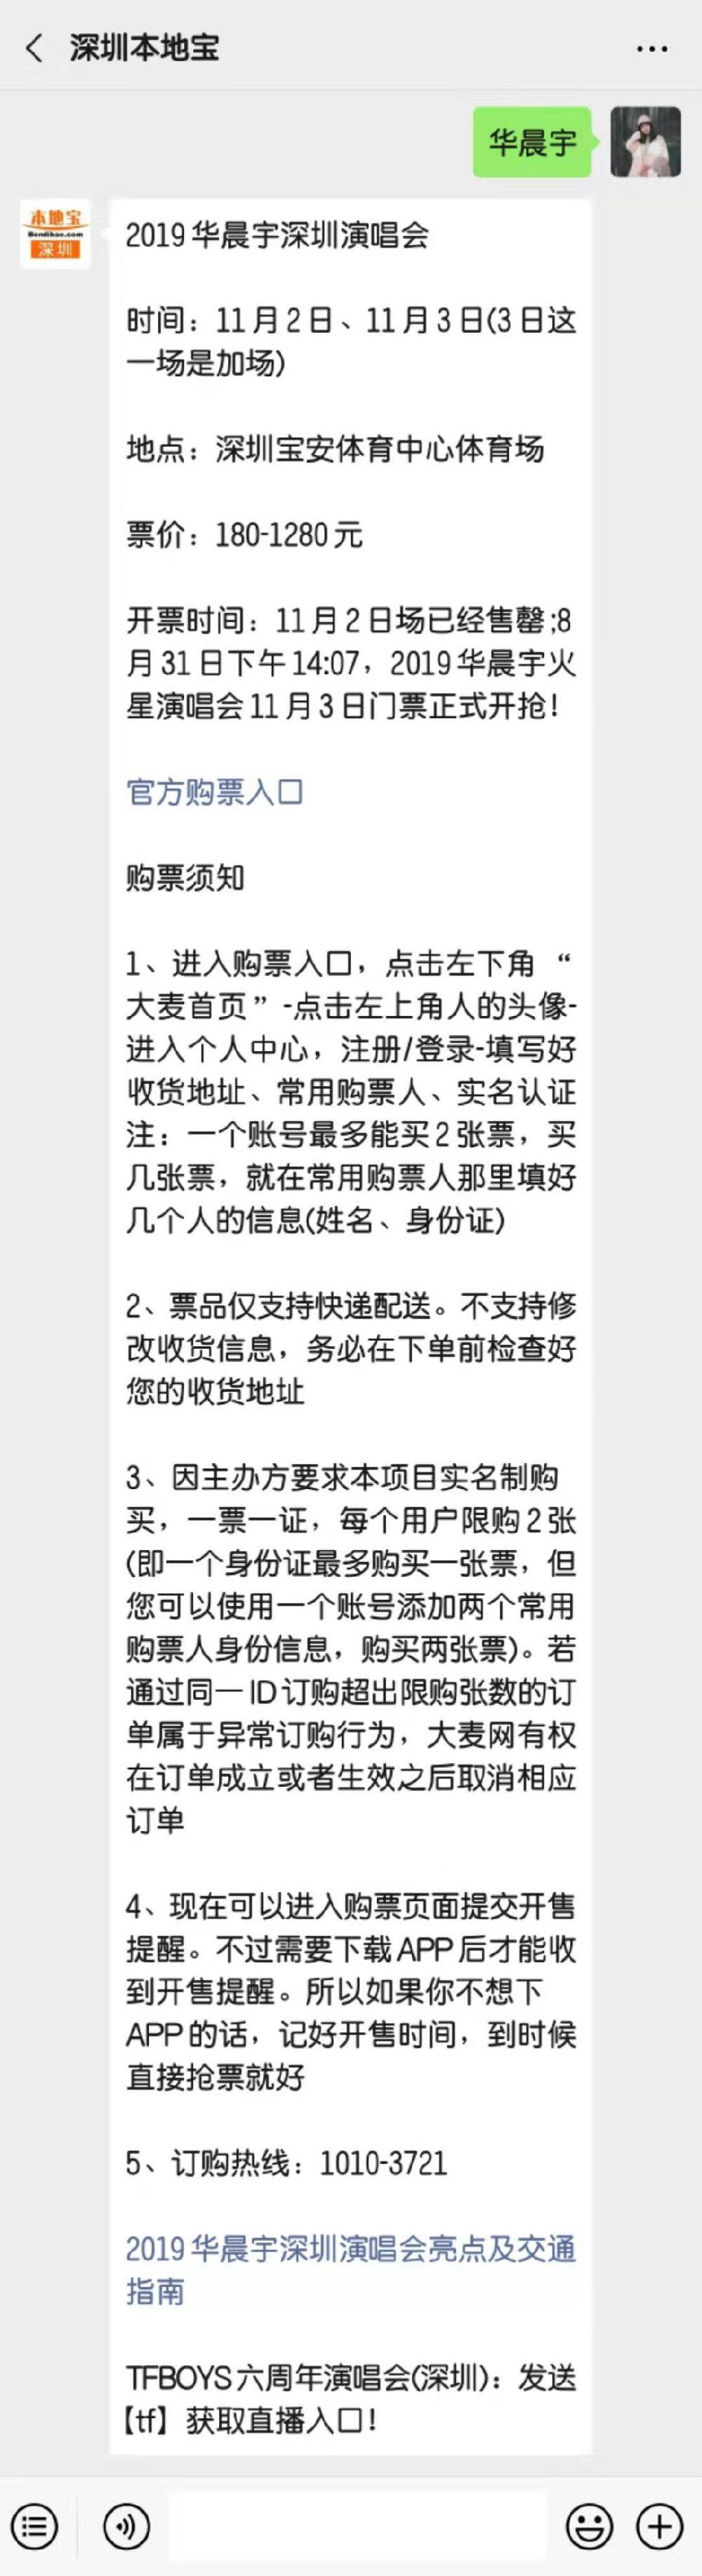 2019华晨宇演唱会门票在哪里买 附购买入口